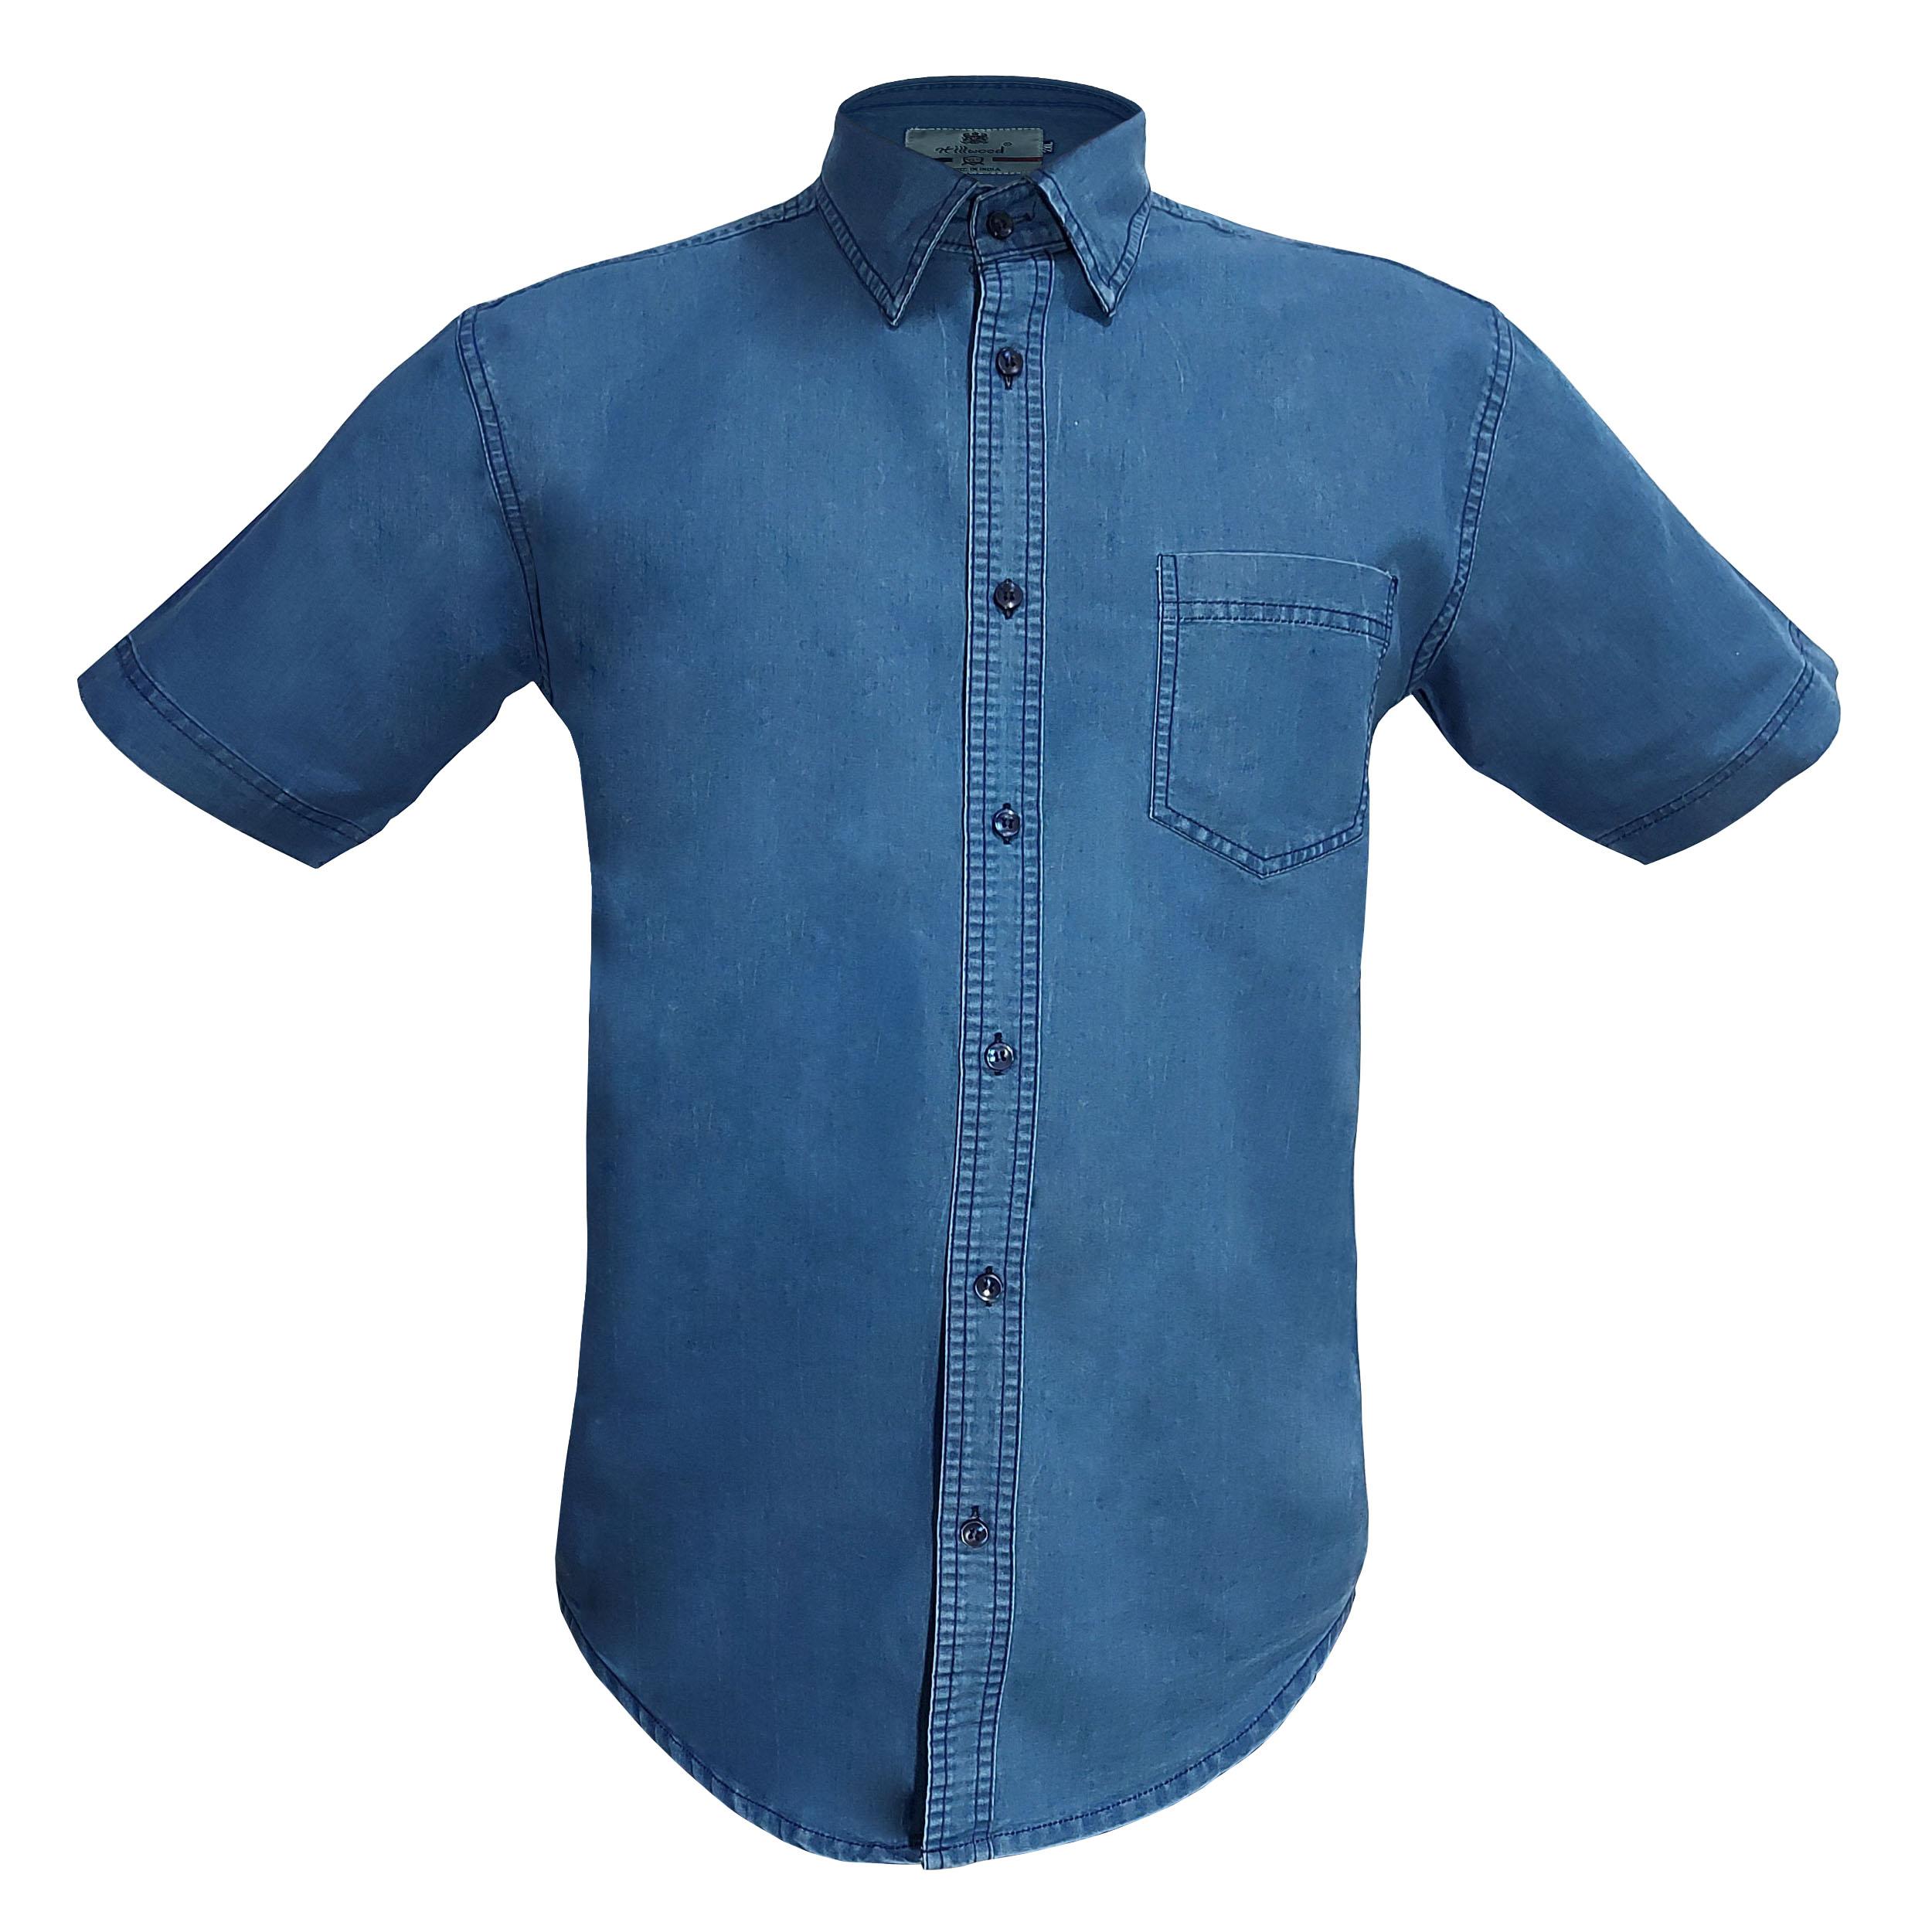 پیراهن آستین کوتاه مردانه مدل 130